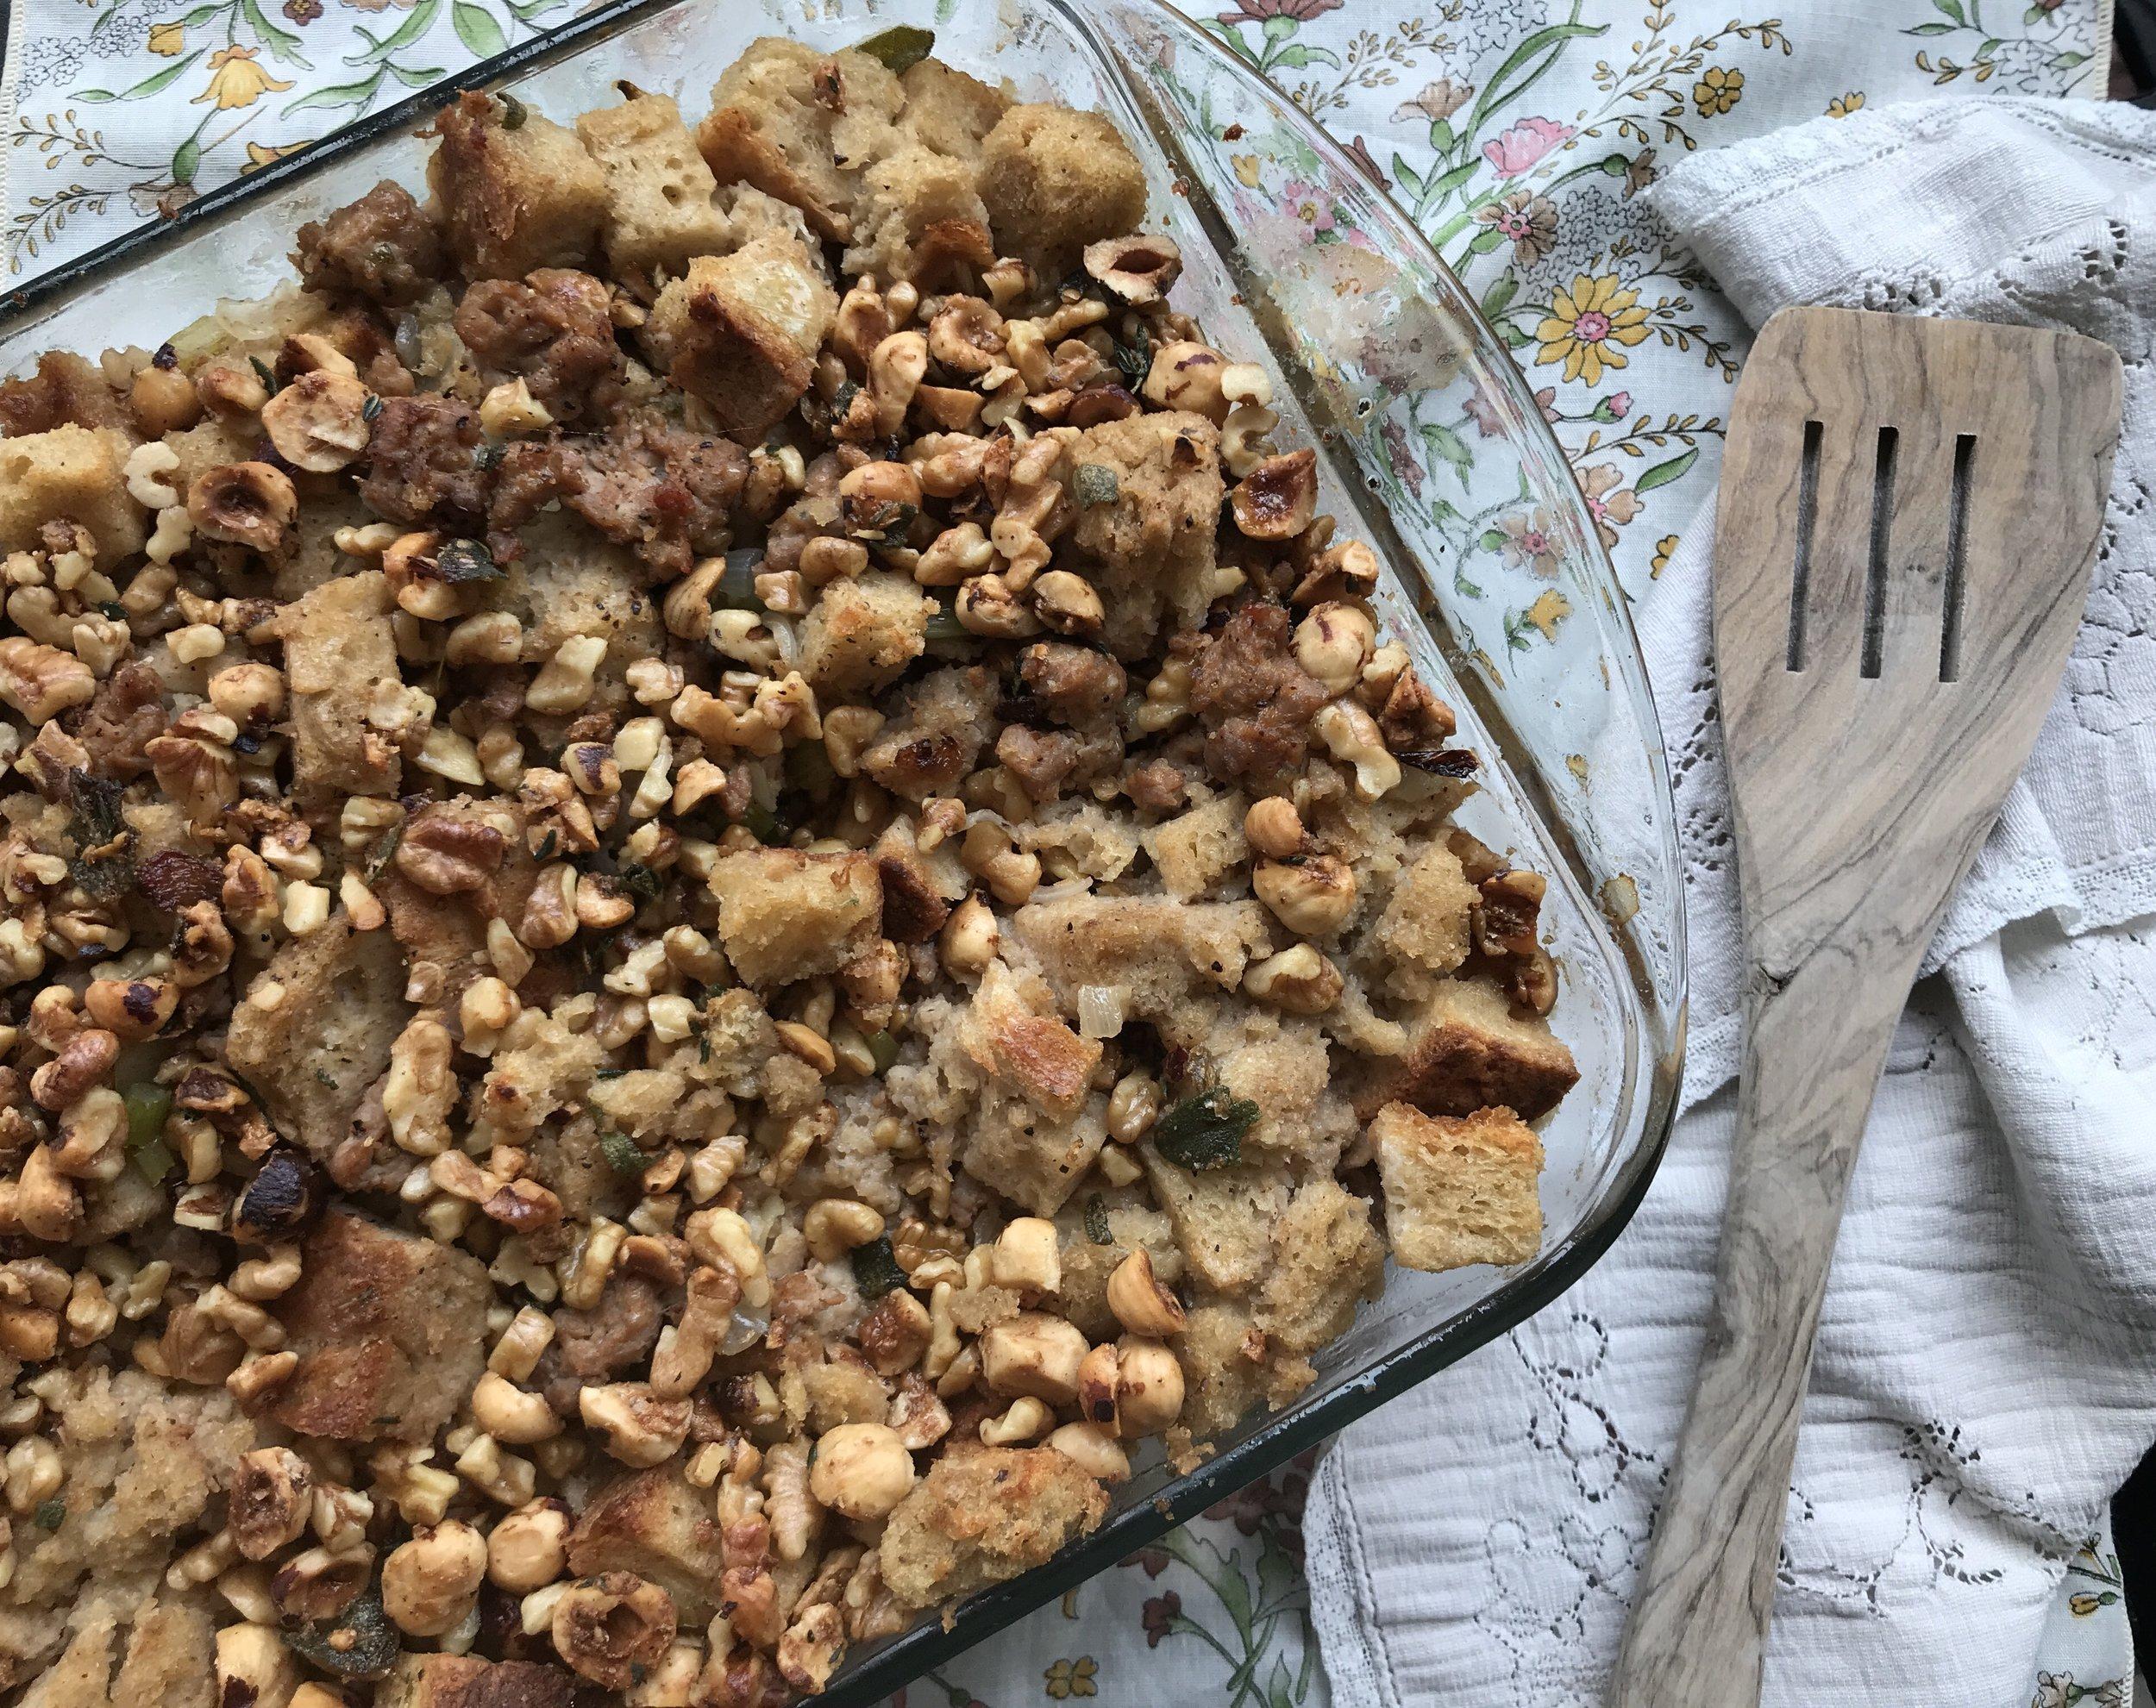 sausagestuffing (3).jpg